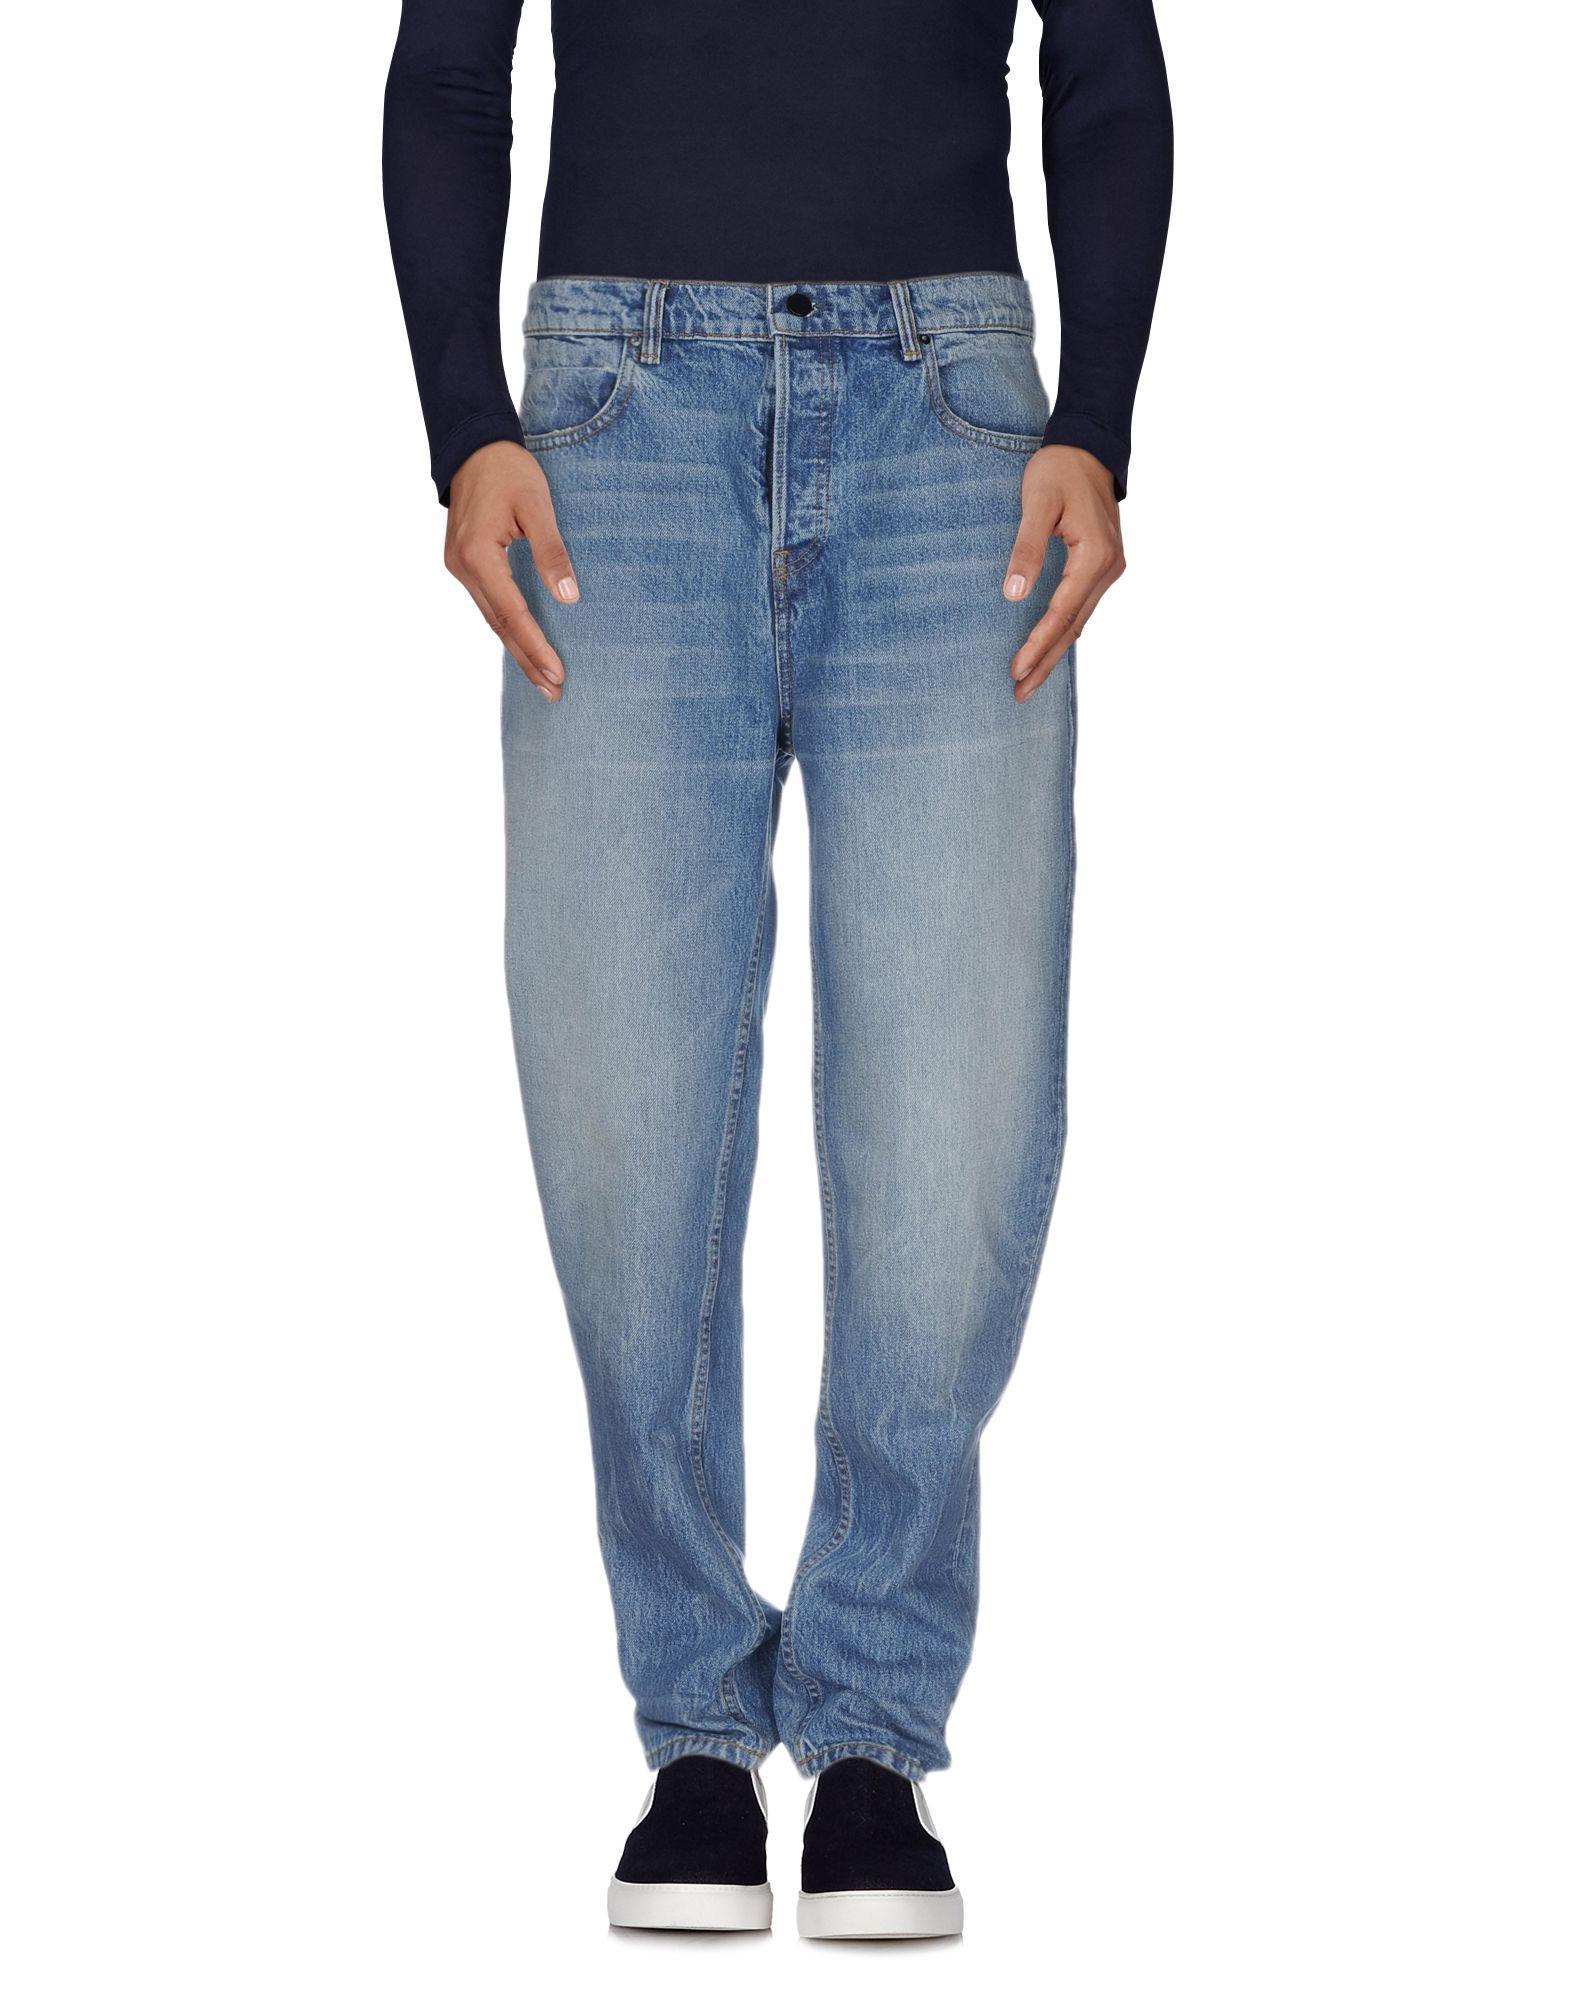 alexander wang female alexander wang jeans